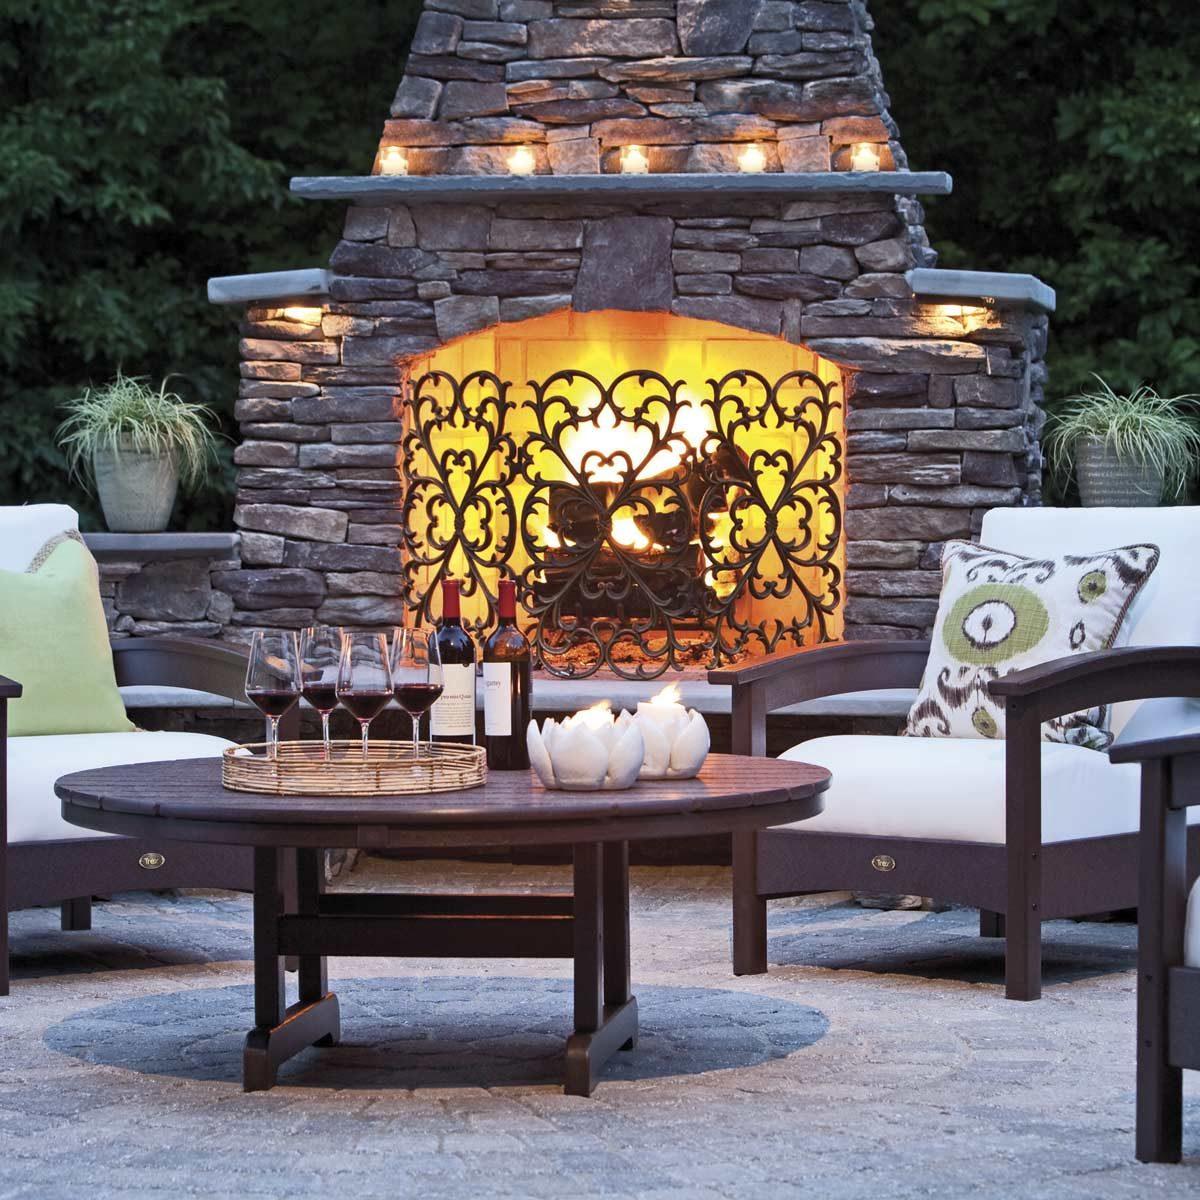 trex patio furniture so worth splurging